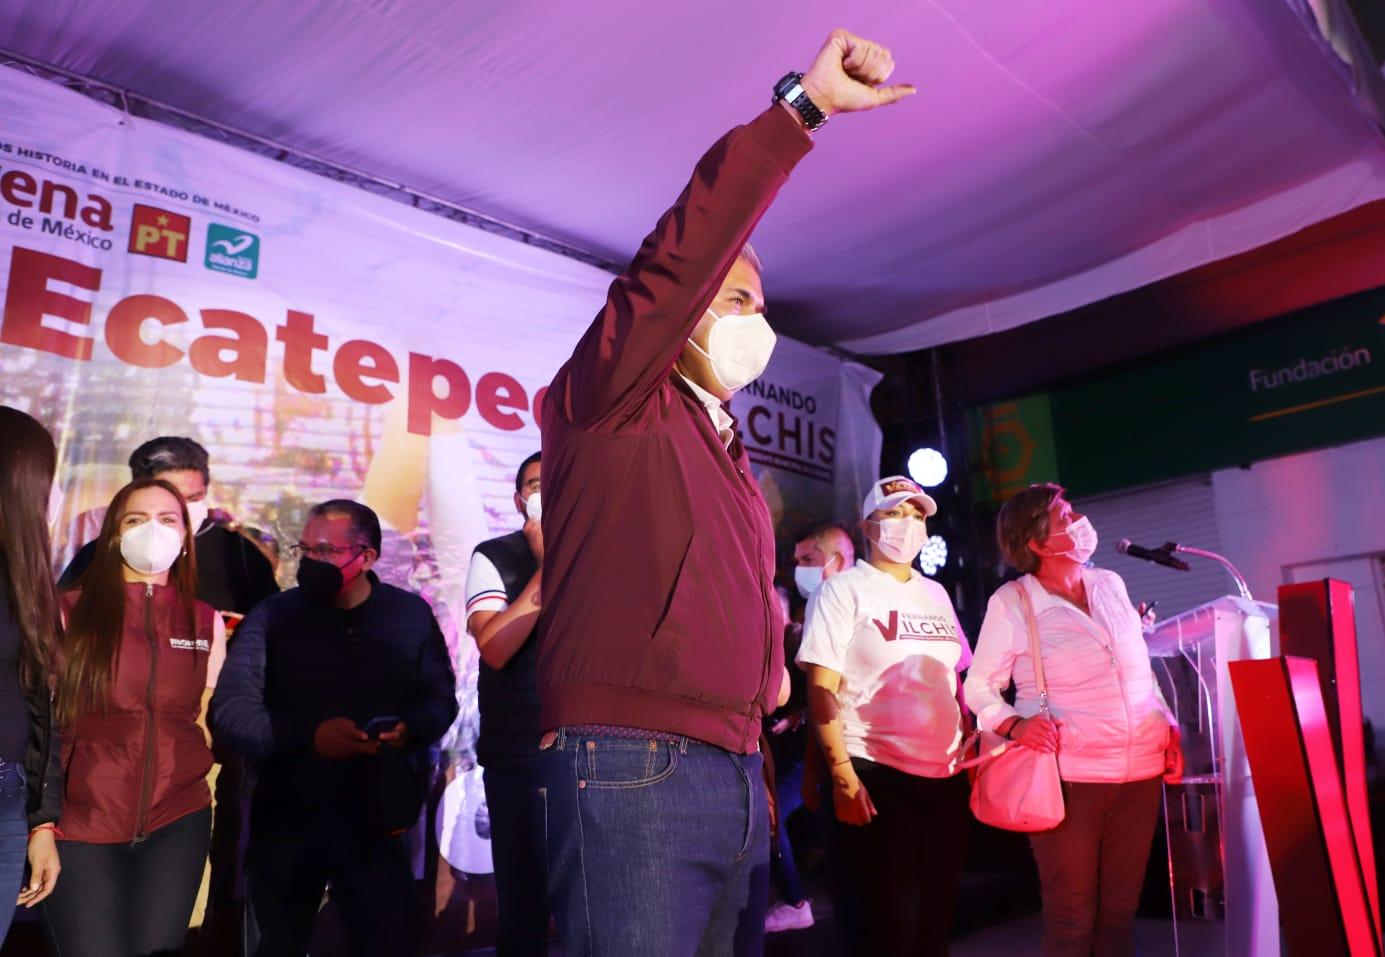 Fernando Vilchis gana Ecatepec